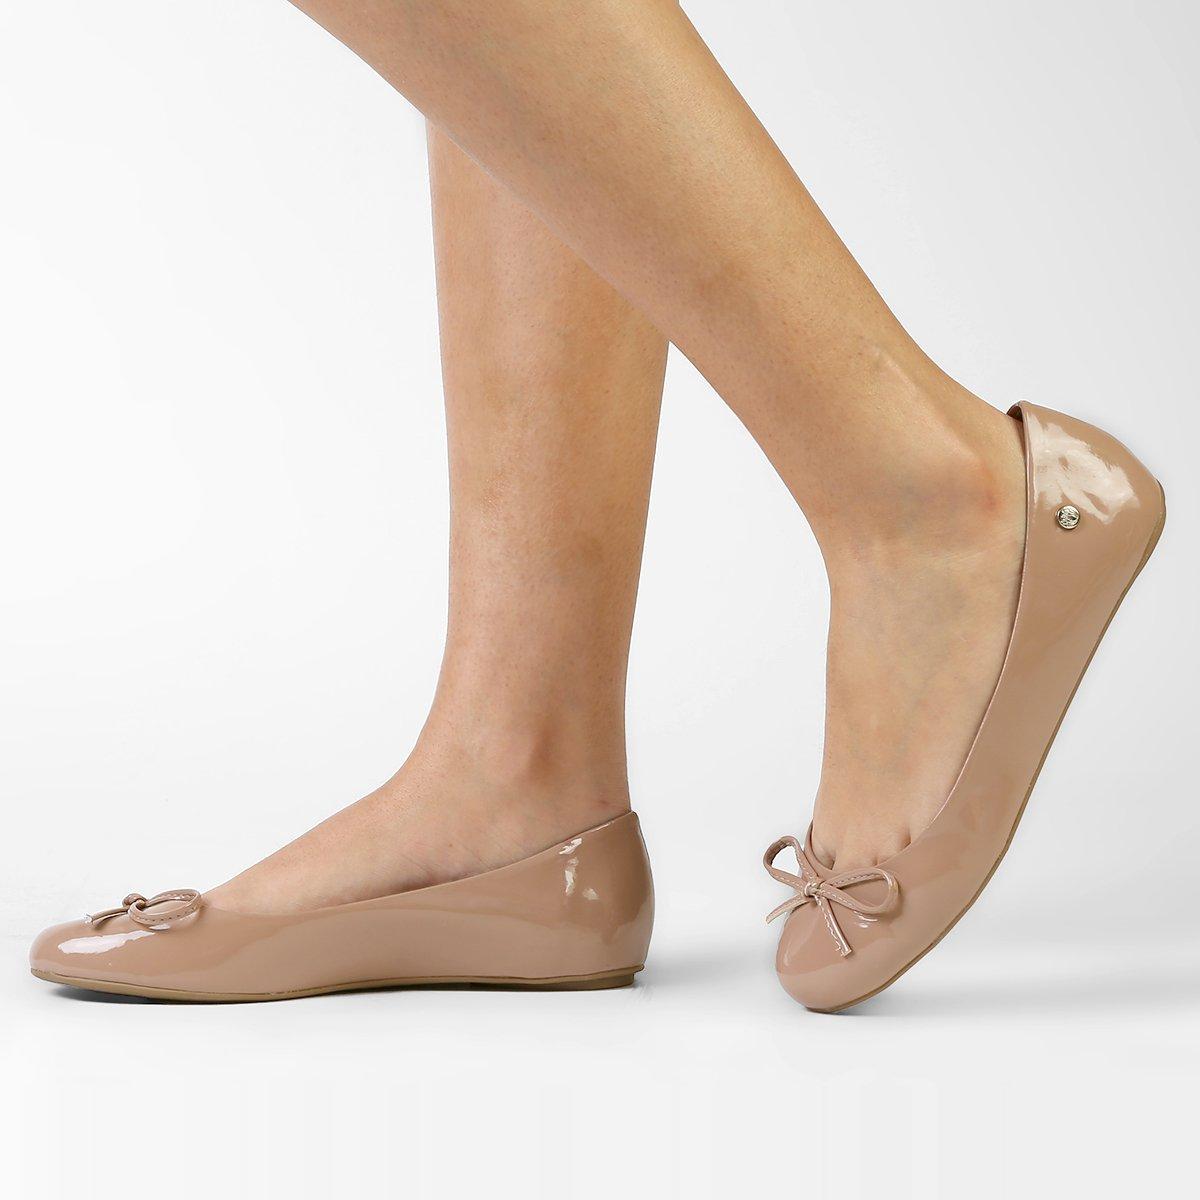 7c96215750 Sapatilha My Shoes Lacinho Básica - Compre Agora